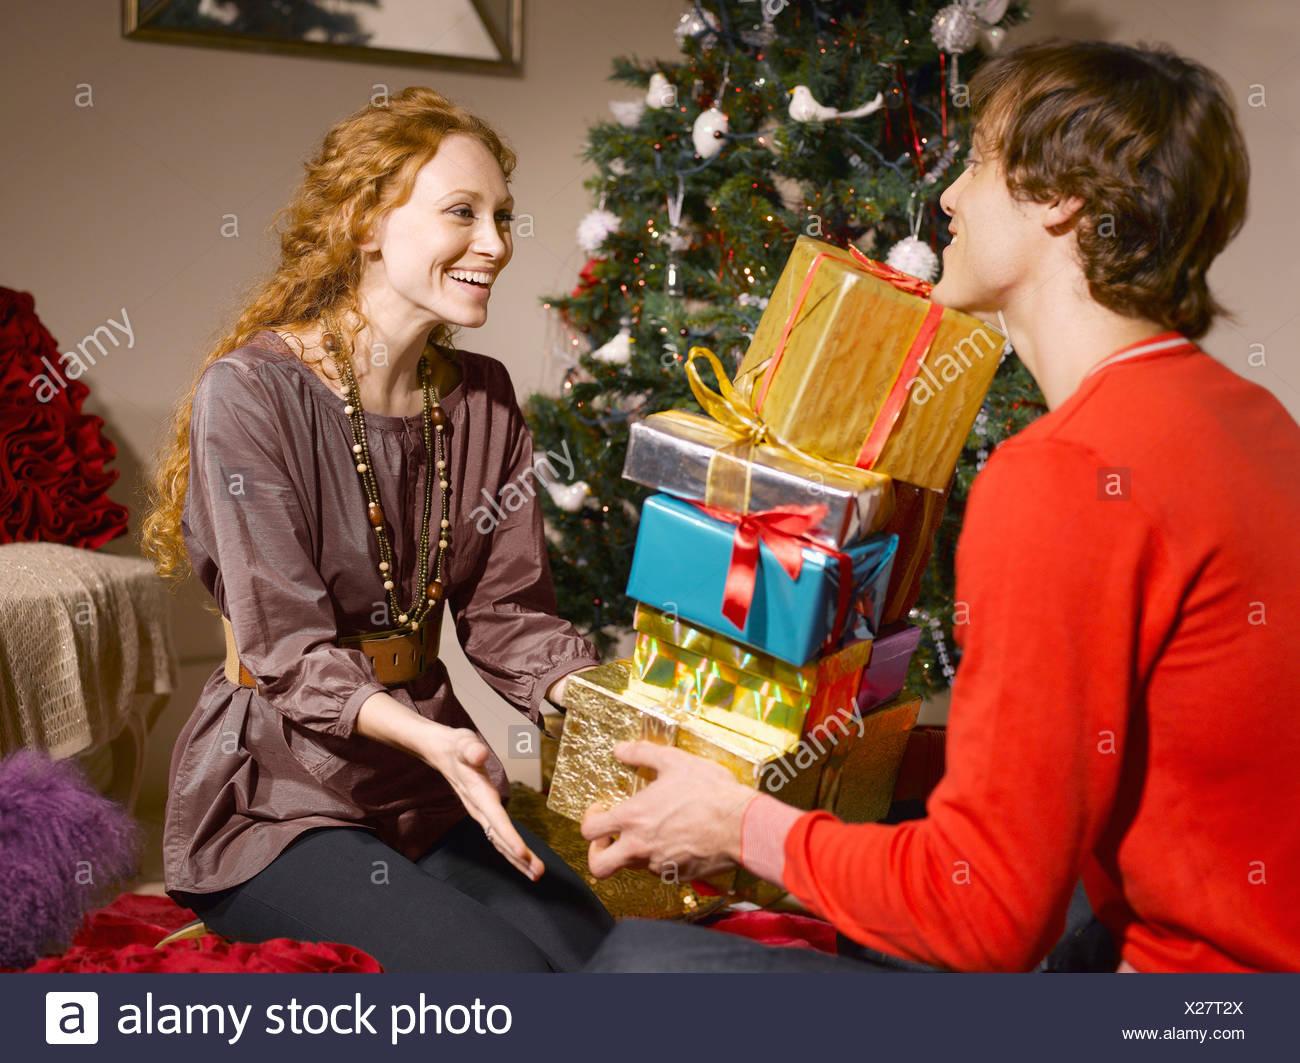 Regali Di Natale Per Moglie.L Uomo Dando Moglie Pila Di Regali Di Natale Foto Immagine Stock